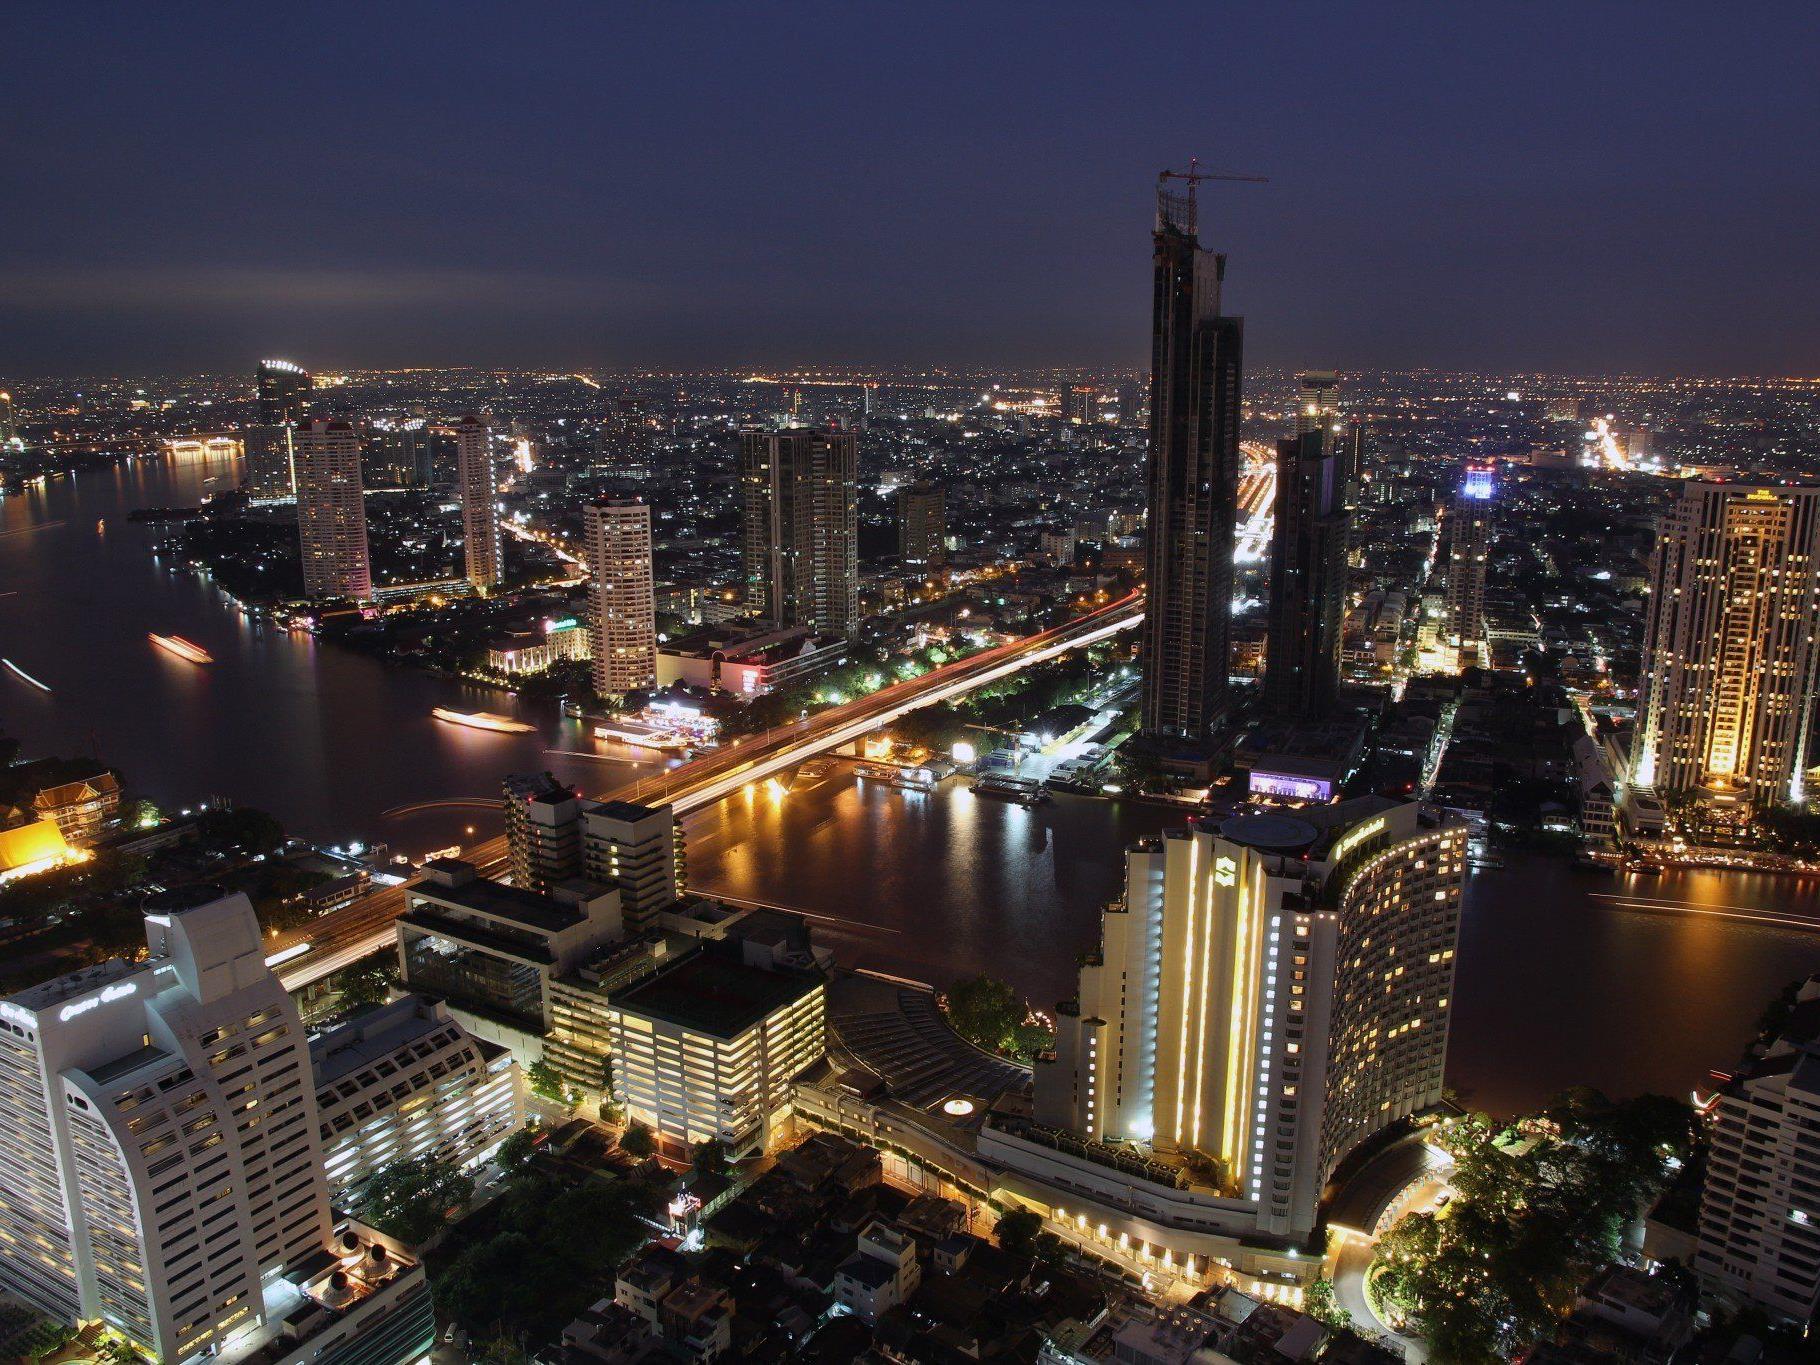 Hochhäuser und beeindruckende Wolkenkratzer prägen das Aussehen der thailändischen Hauptstadt Bangkok.